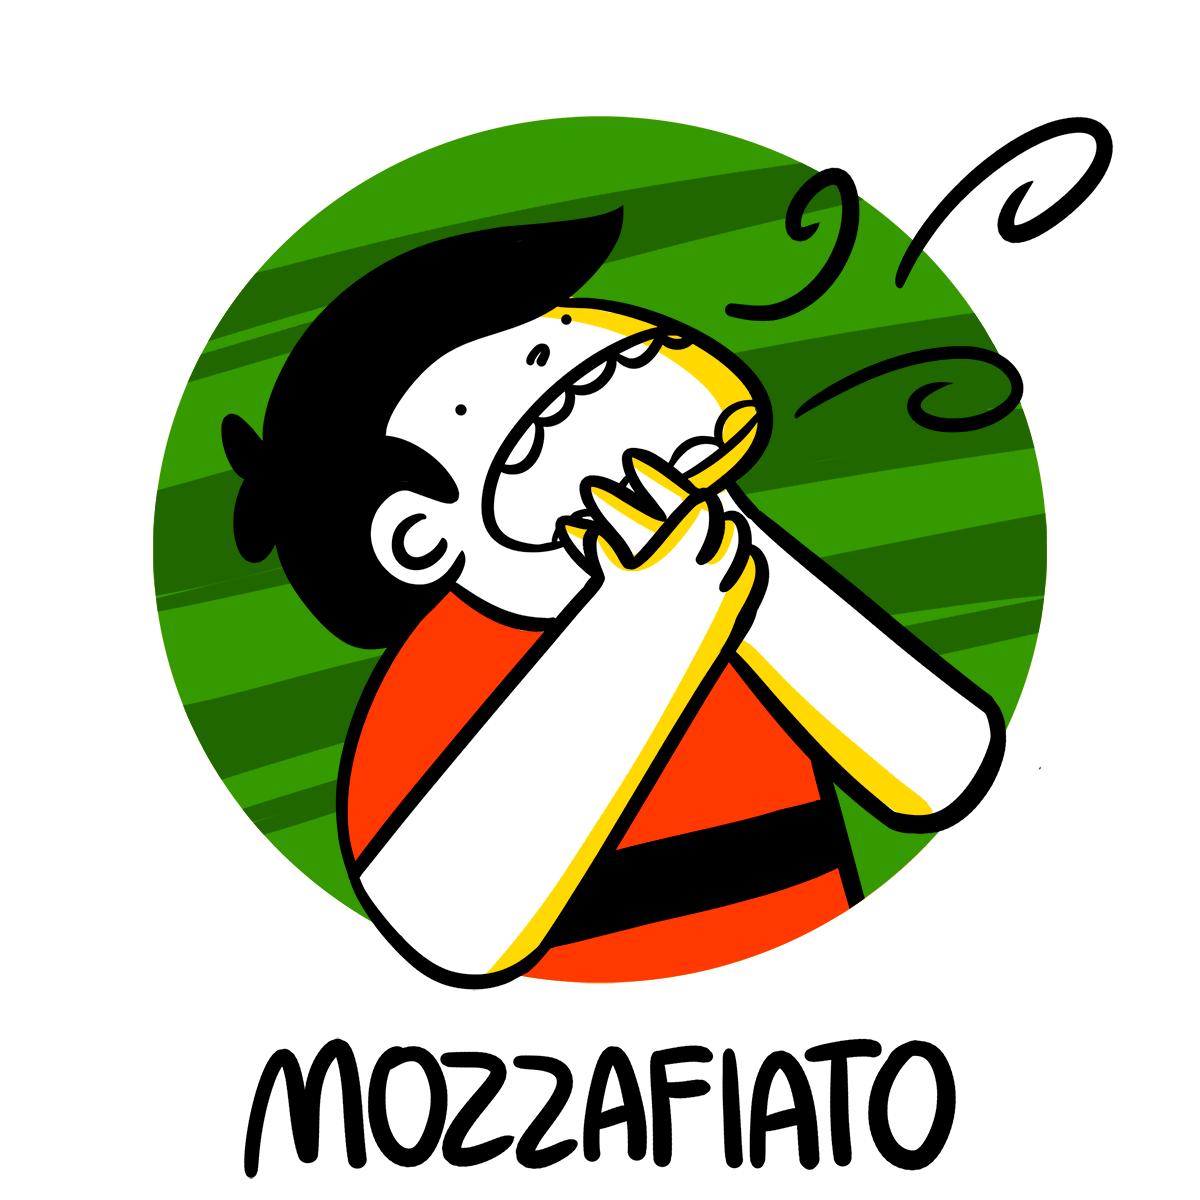 Mozzafiato